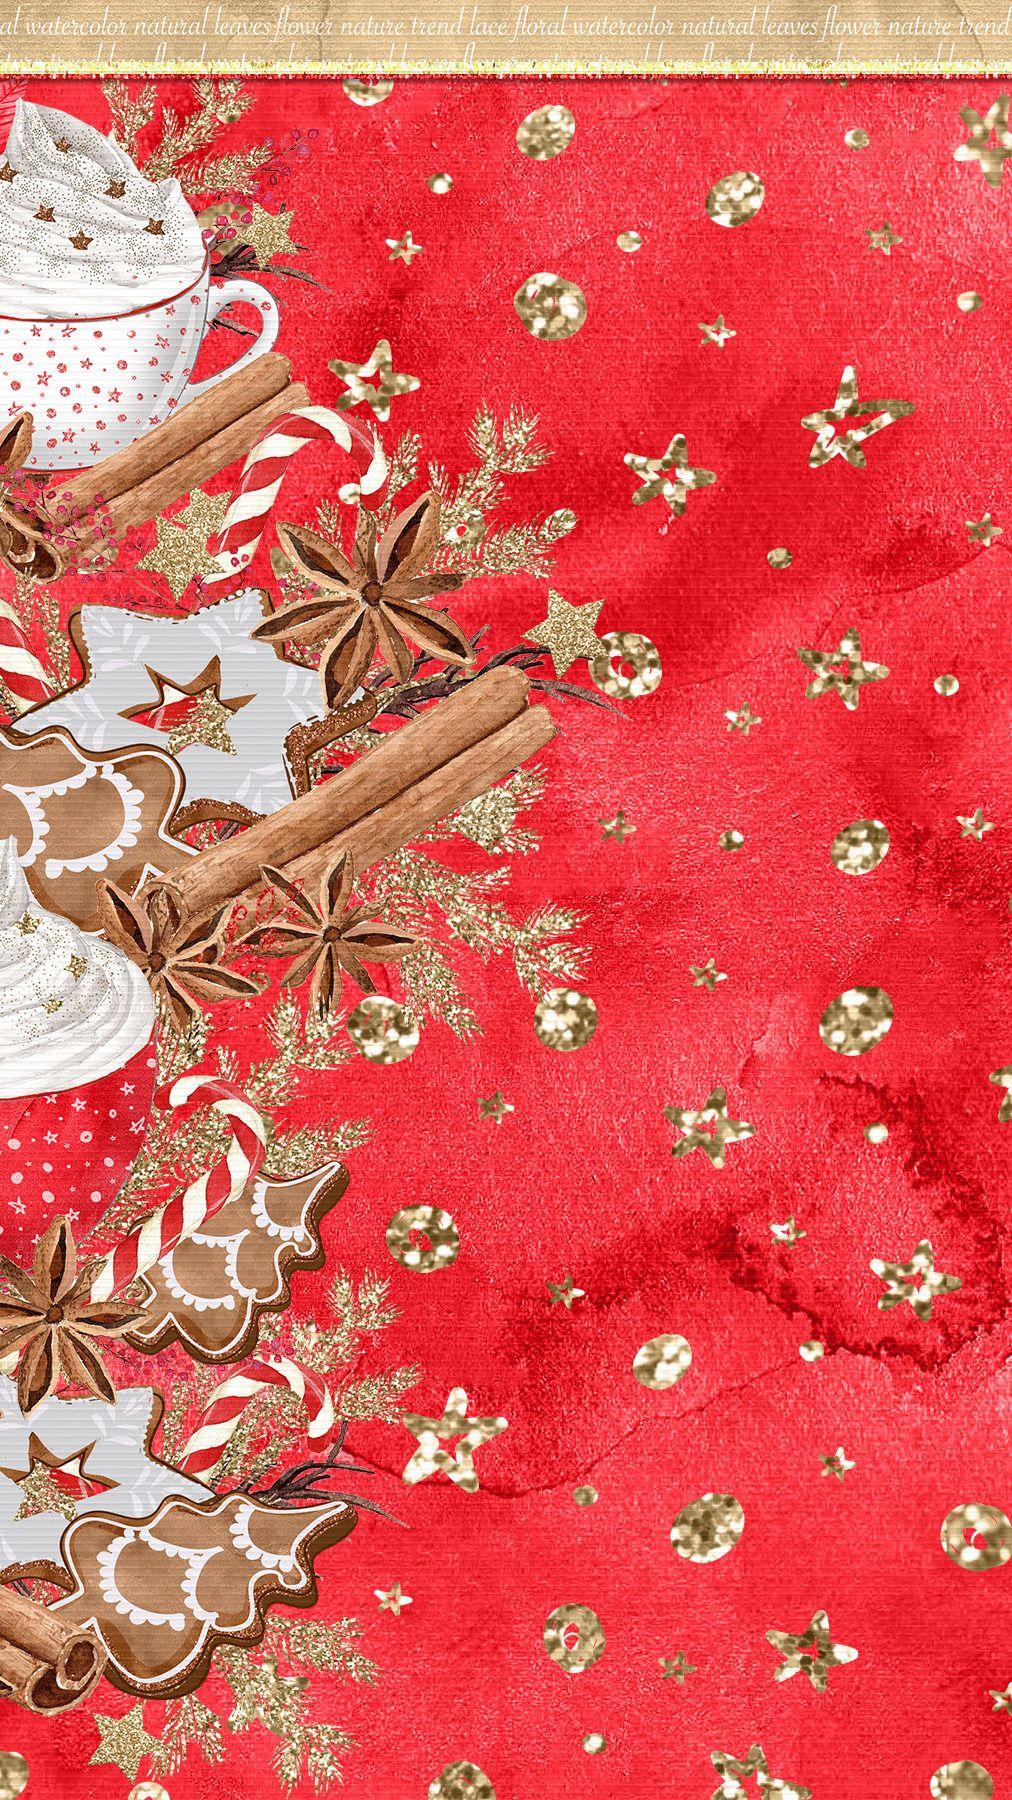 Great Wallpaper Home Screen Christmas - 503280837d7a9fe94091241b7140e20a  Trends_947074.jpg